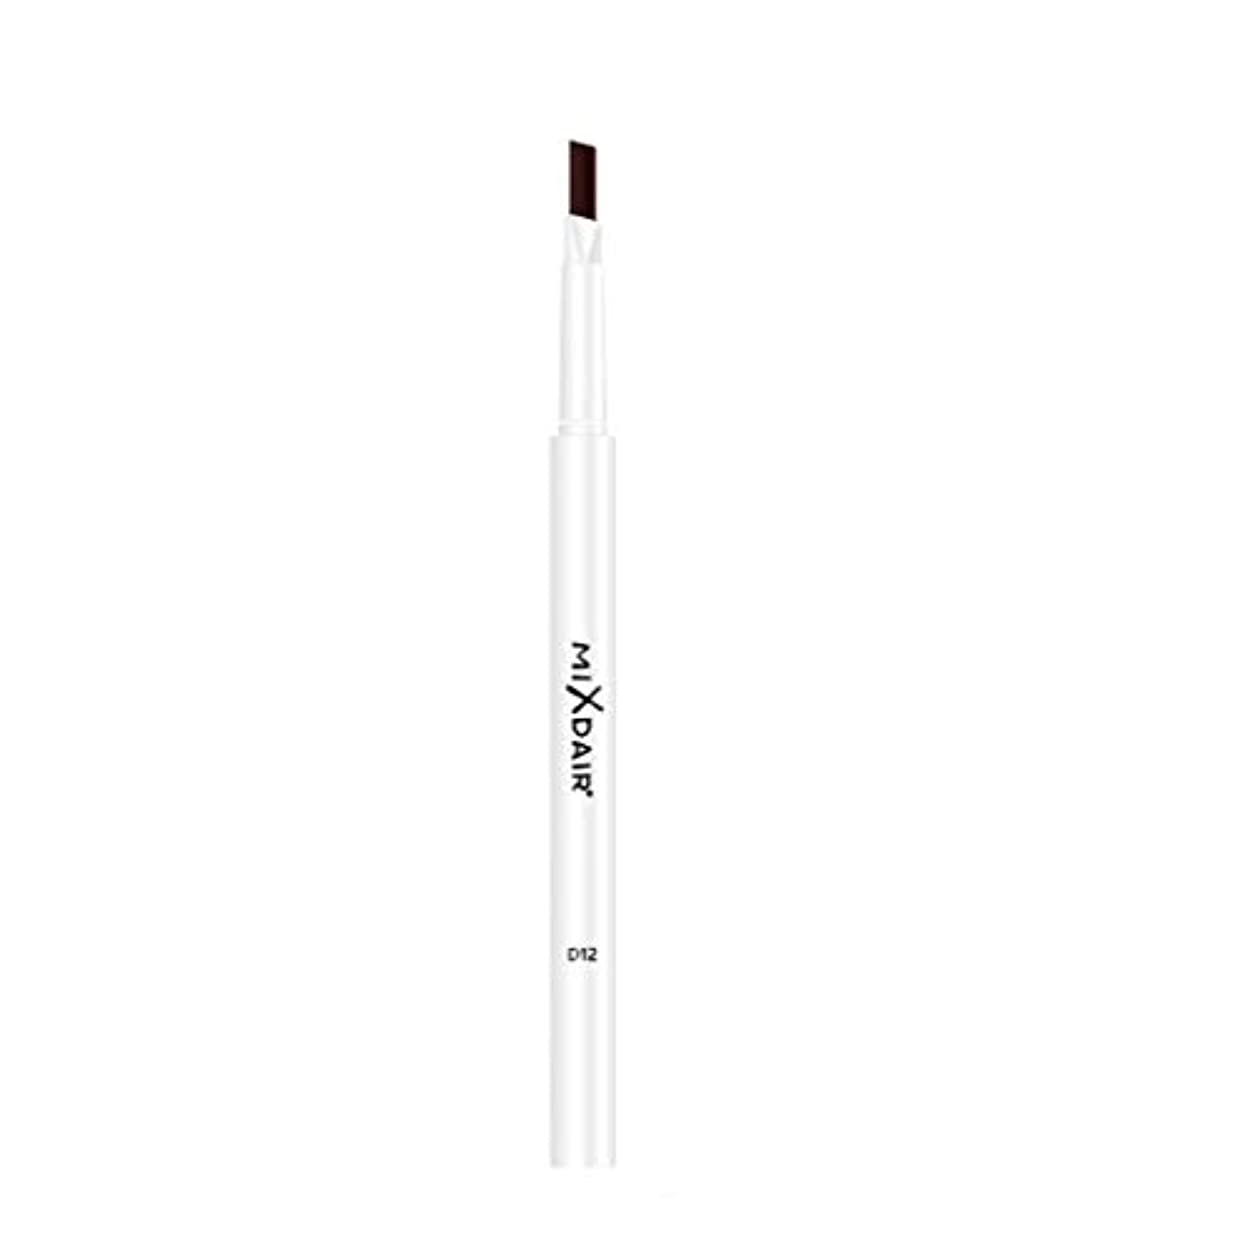 限界トンネルできればブラシ防水汗防止および非脱色化粧品が付いているMIXDAIR眉ペン